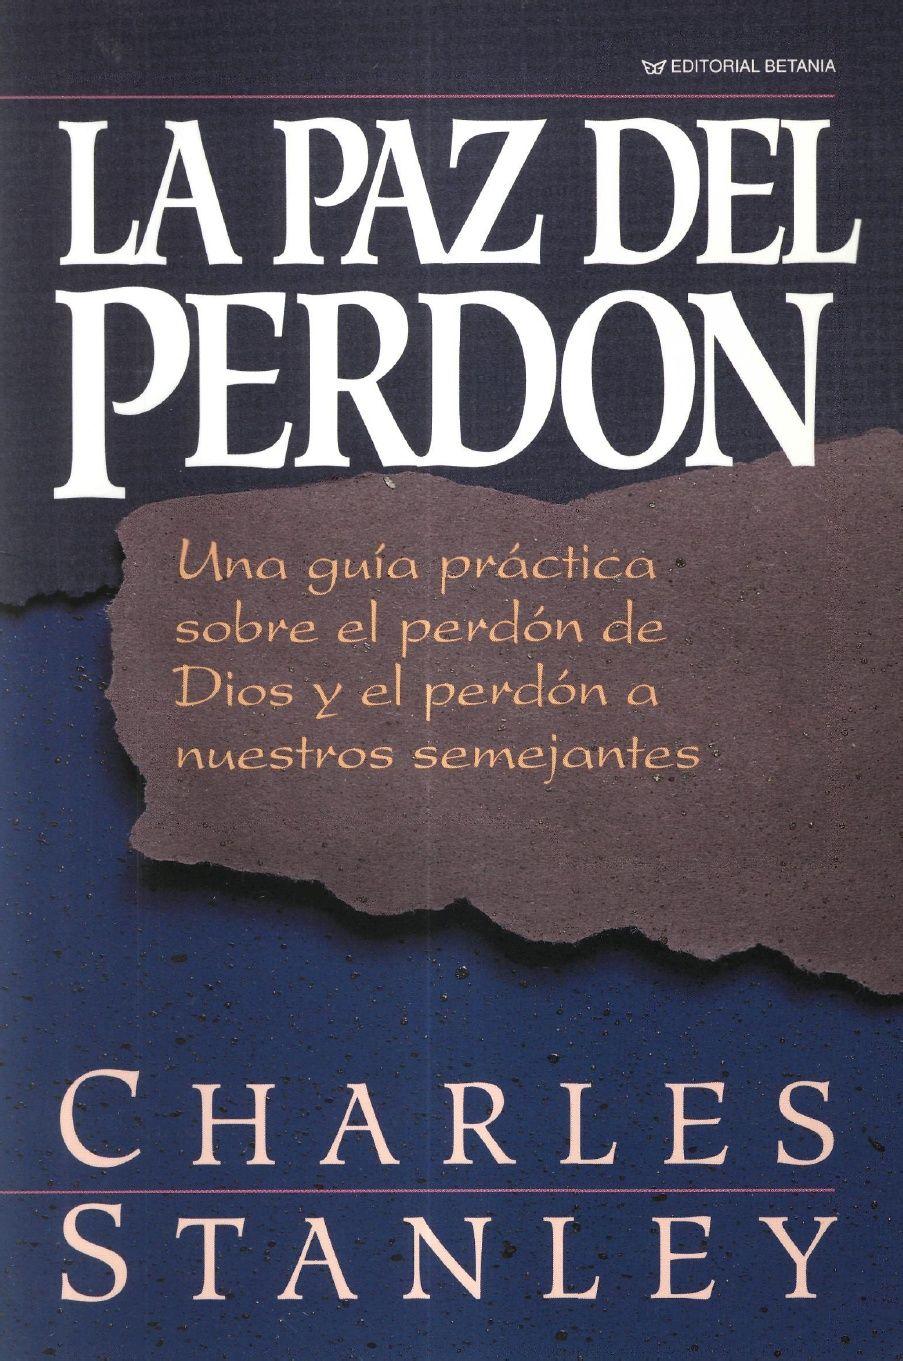 La Paz Del Perdón Charles Stanley Pdf Libros Cristianos Pdf Descargar Libros Cristianos Libros De La Biblia